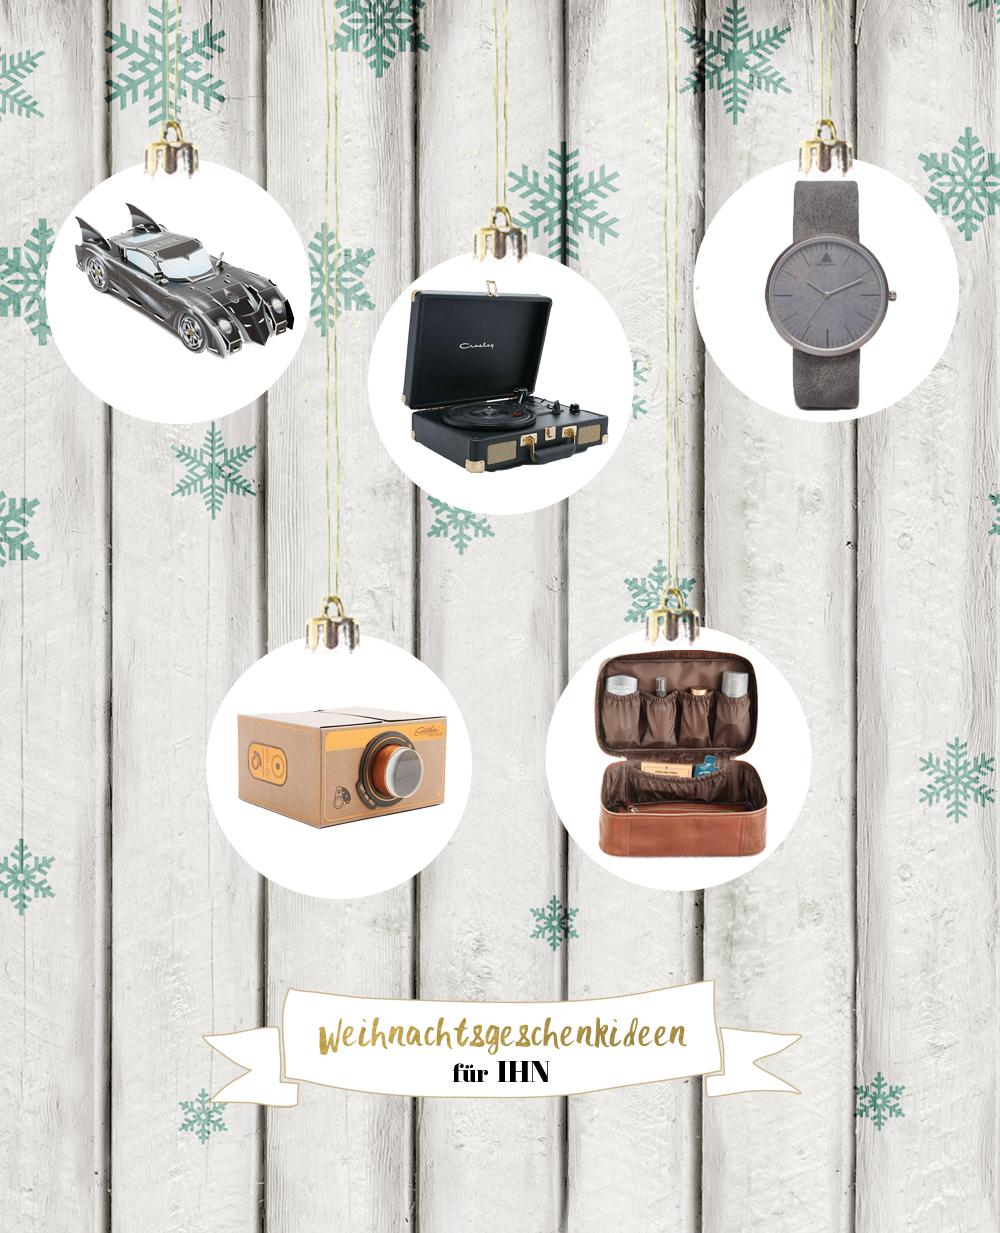 Weihnachtsgeschenkideen für Ihn